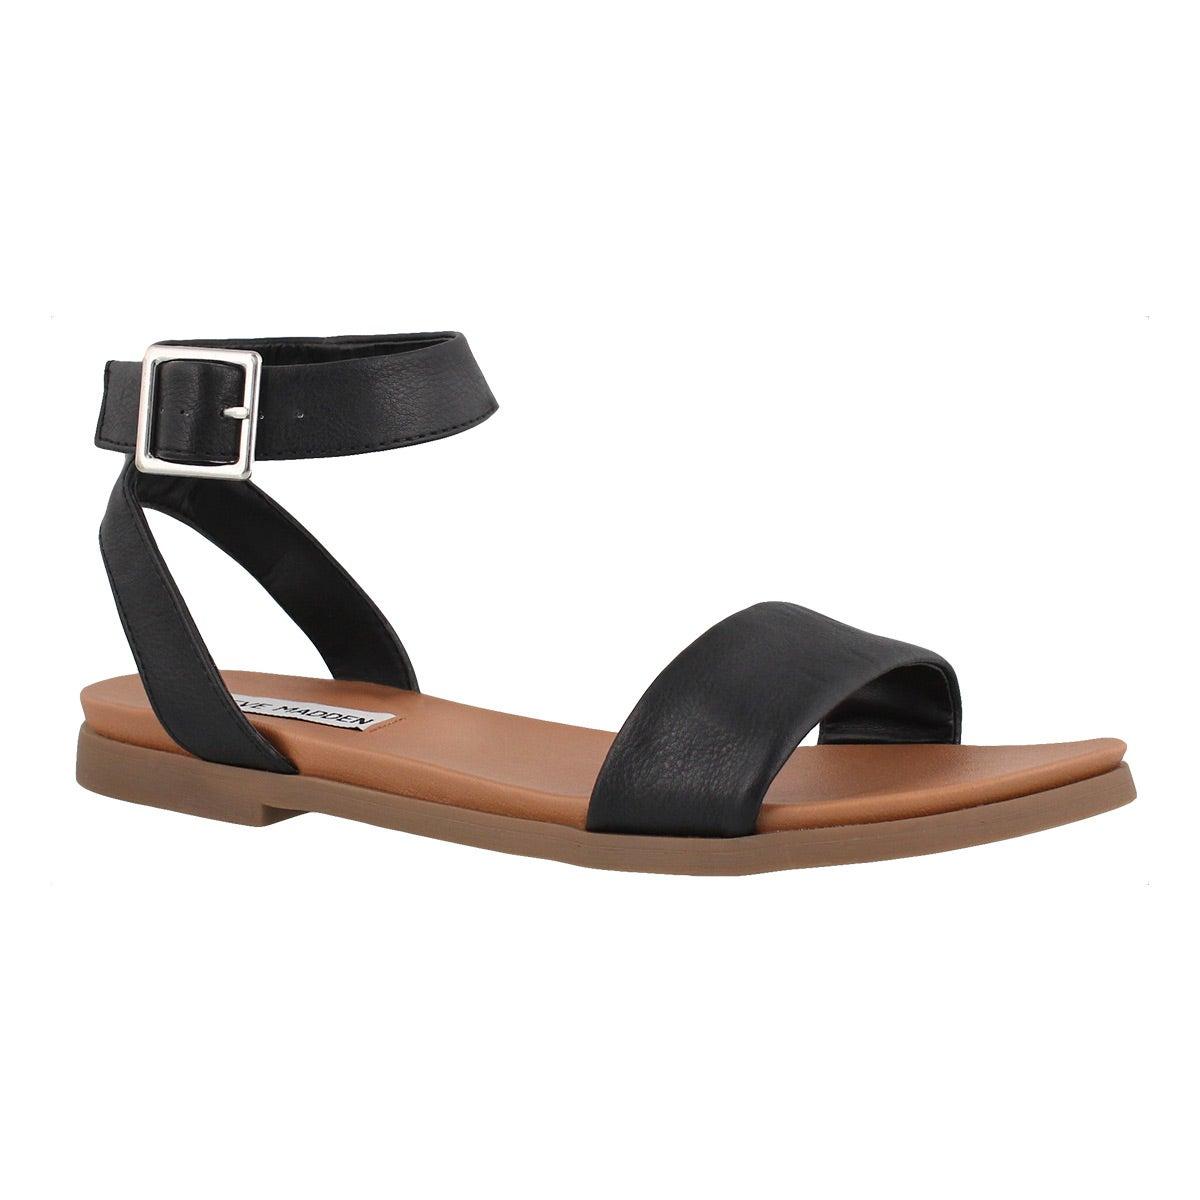 Sandals for Women On Sale, Black, suede, 2017, 3.5 4.5 6.5 7.5 Steve Madden